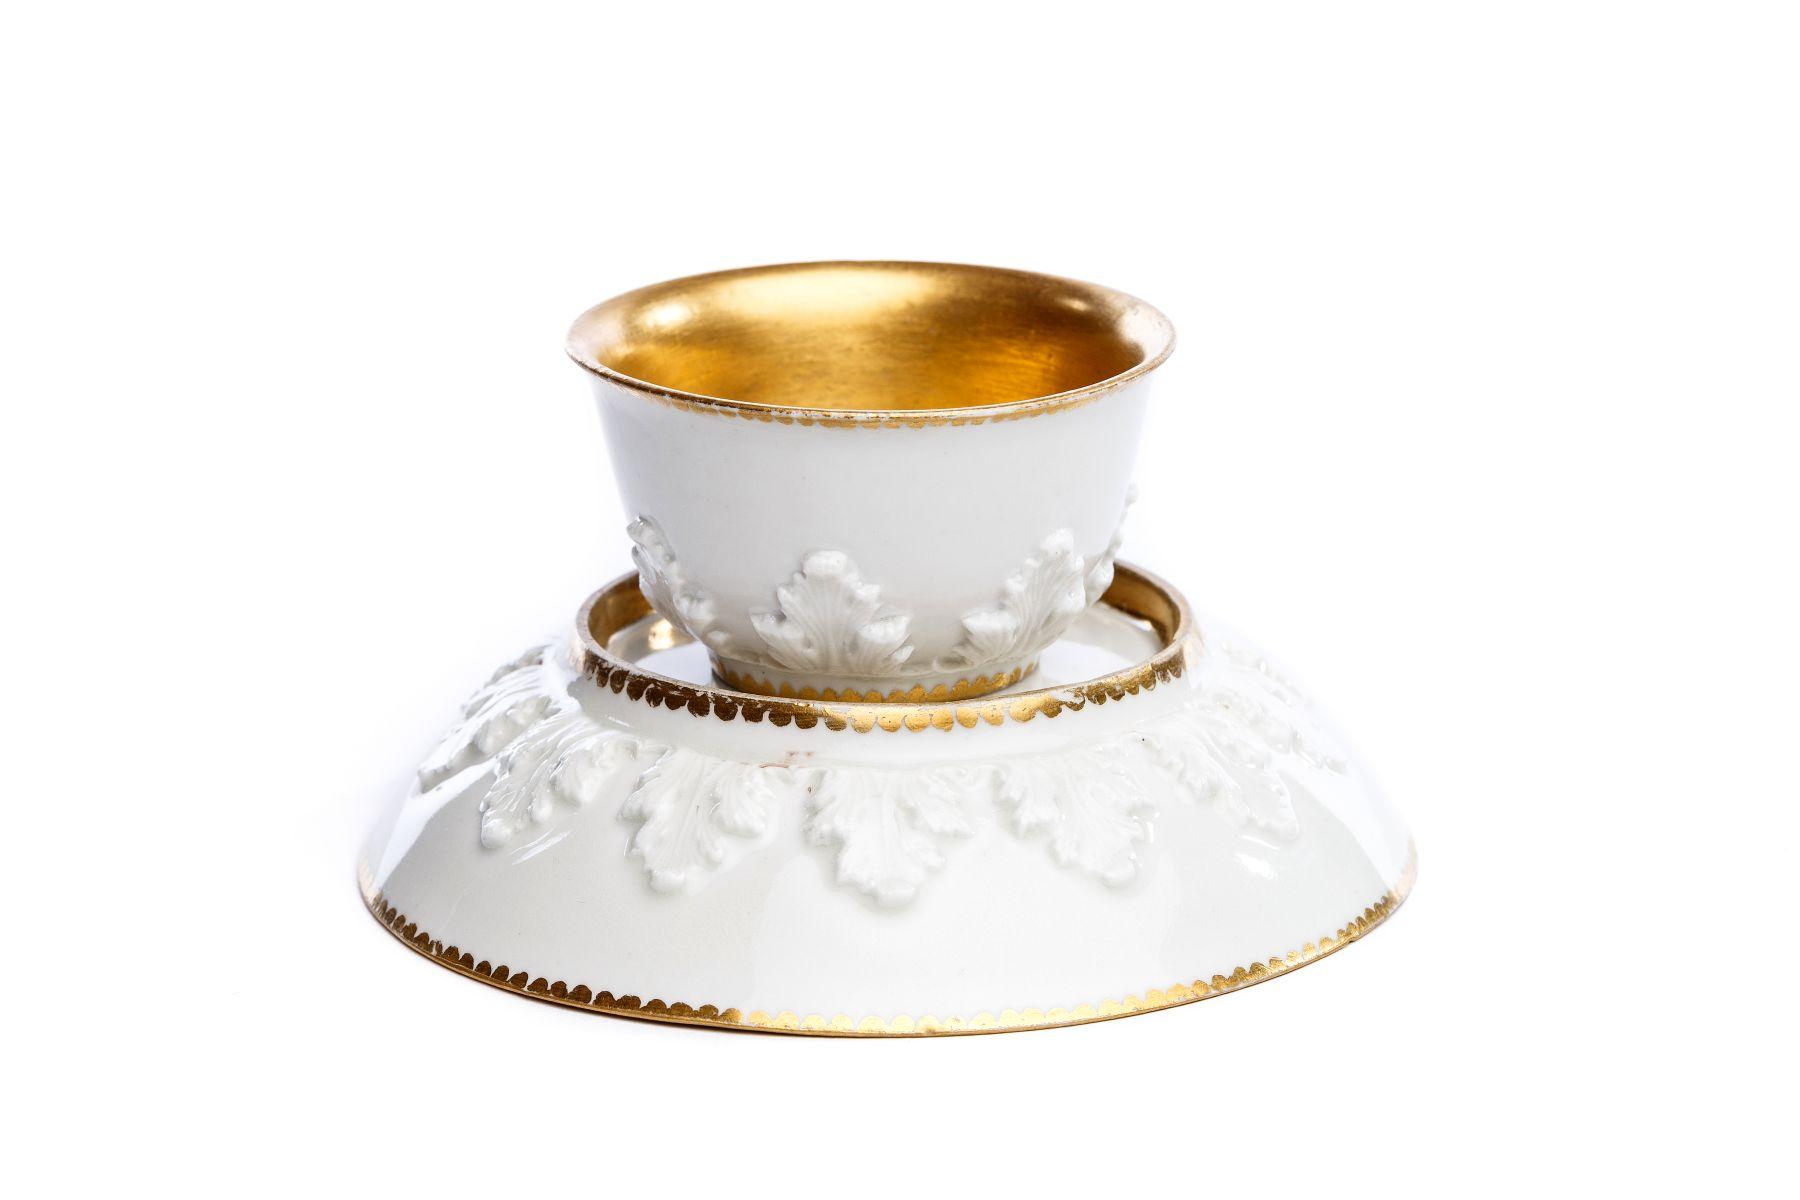 #23 Bowl with saucer, Meissen 1720/30 | Koppchen mit Unterschale, Meissen 1720/30 Image